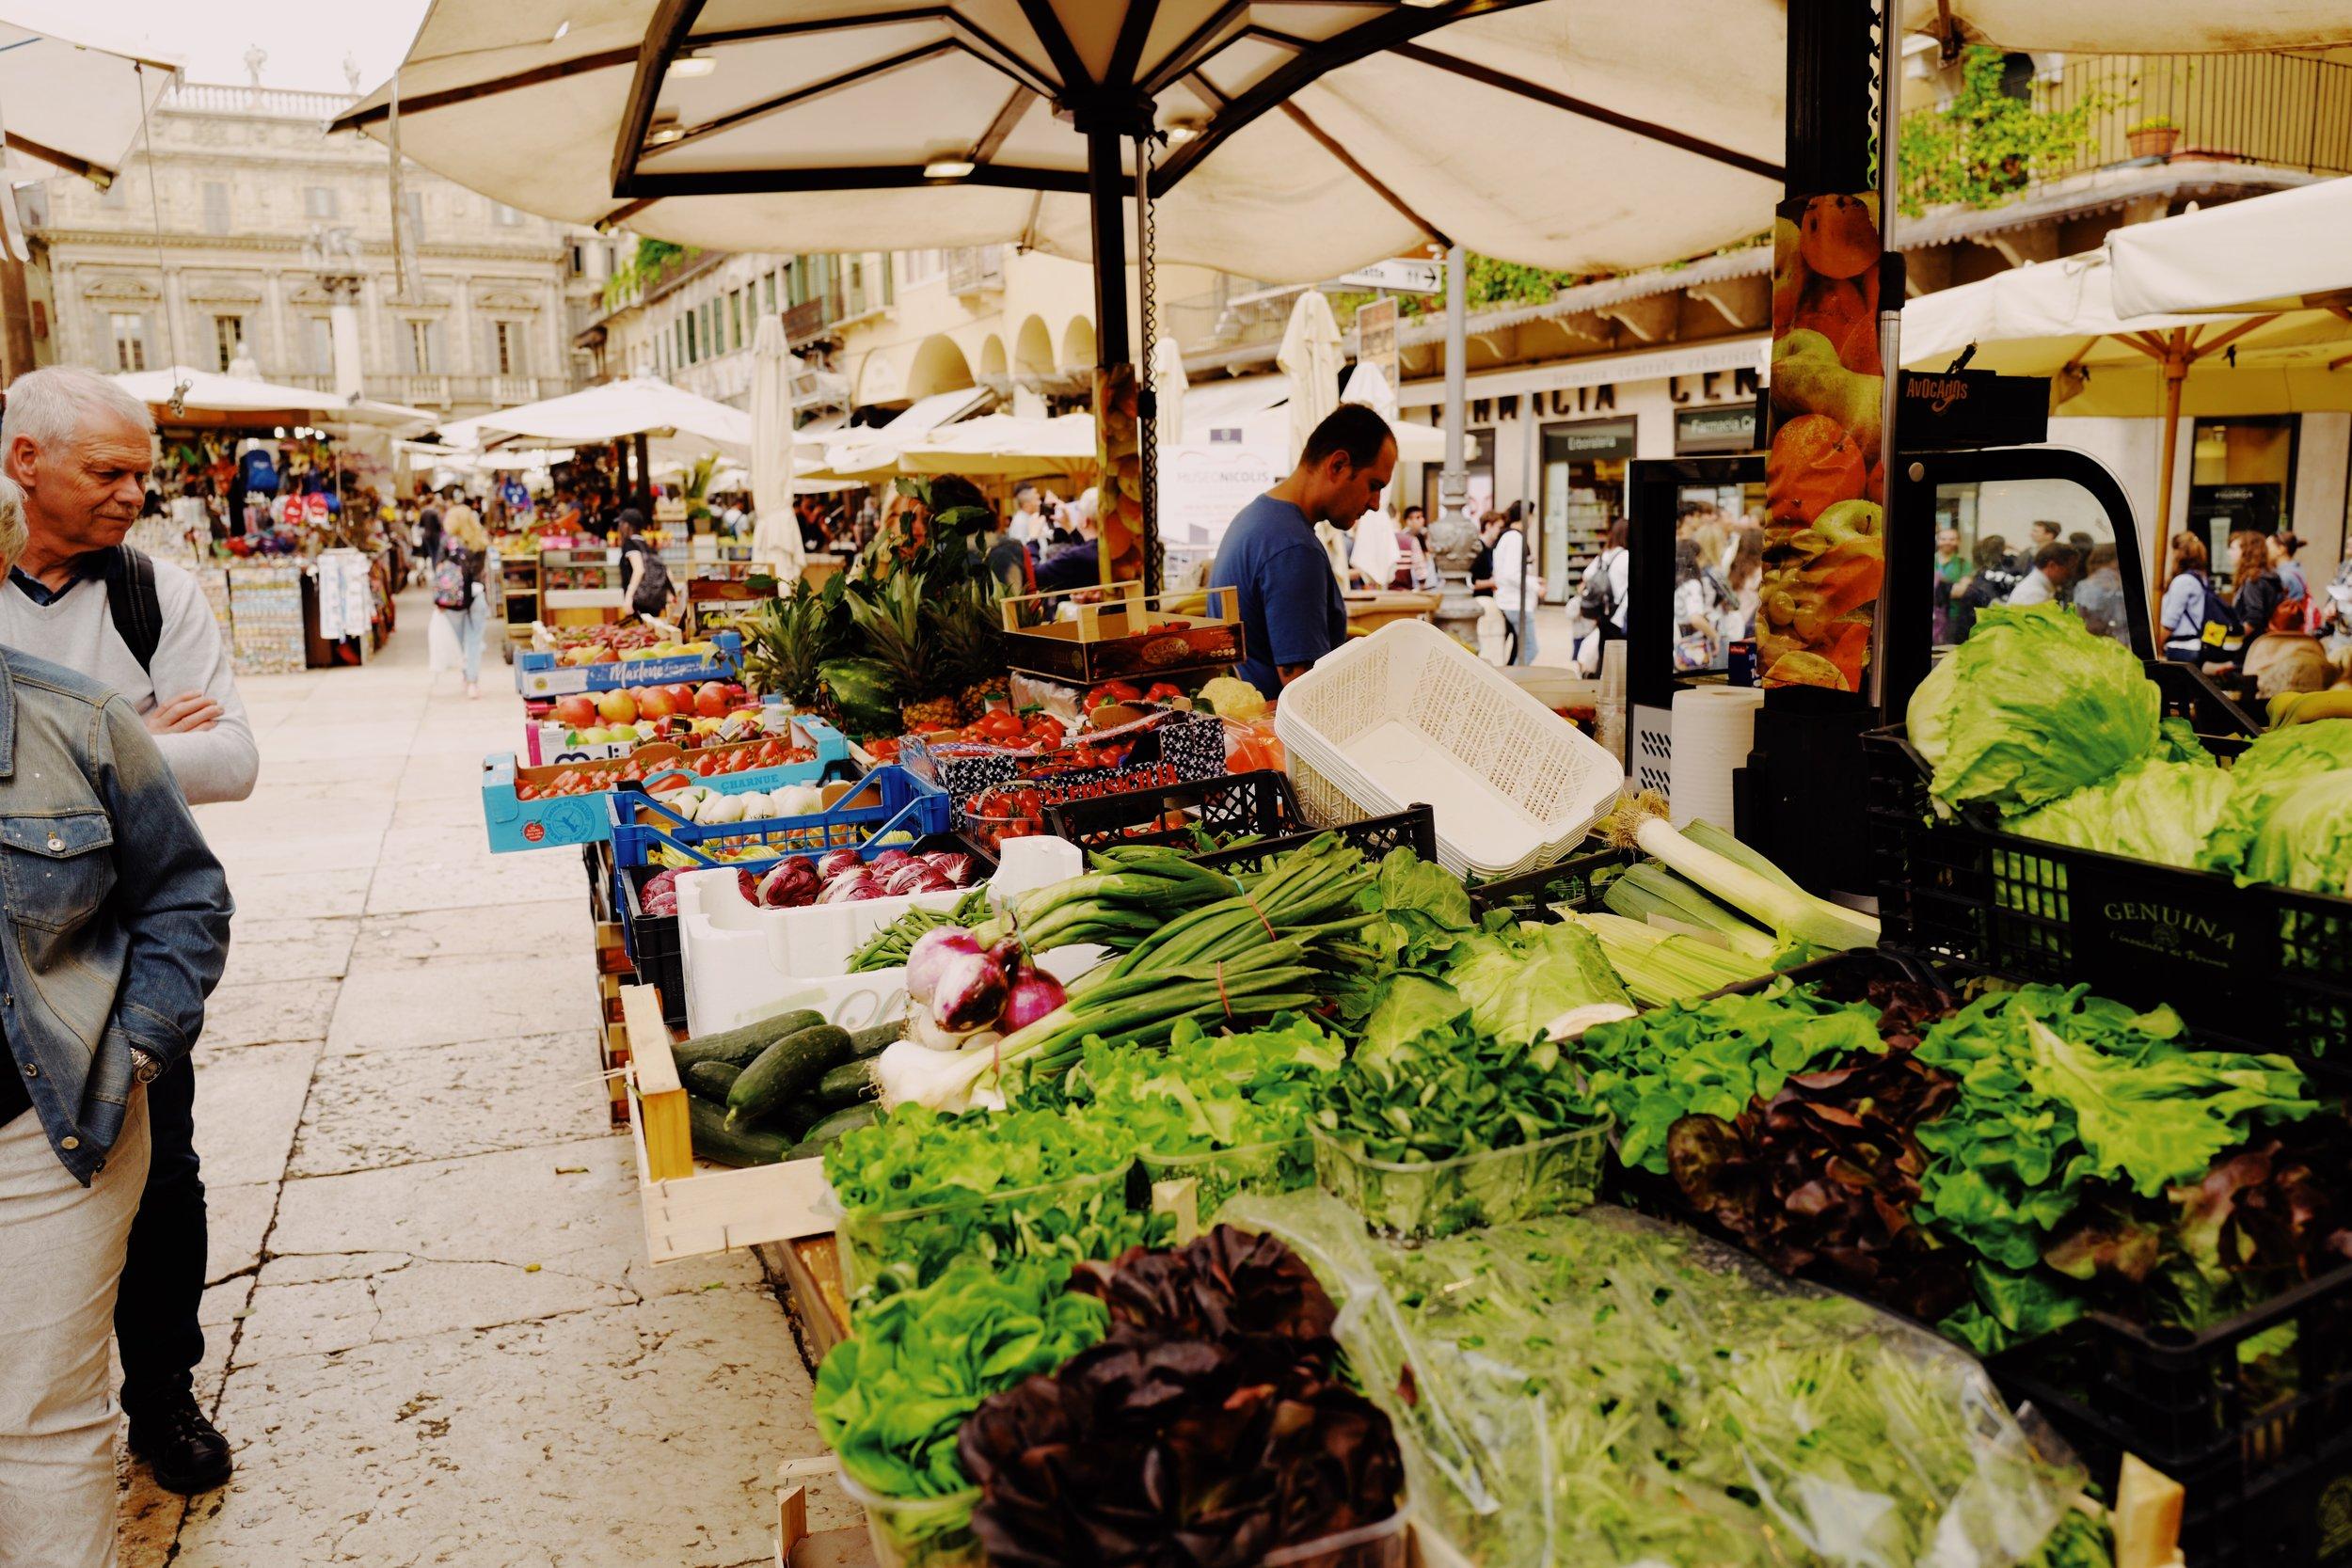 Small farmer's market at the Piazza delle Erbe